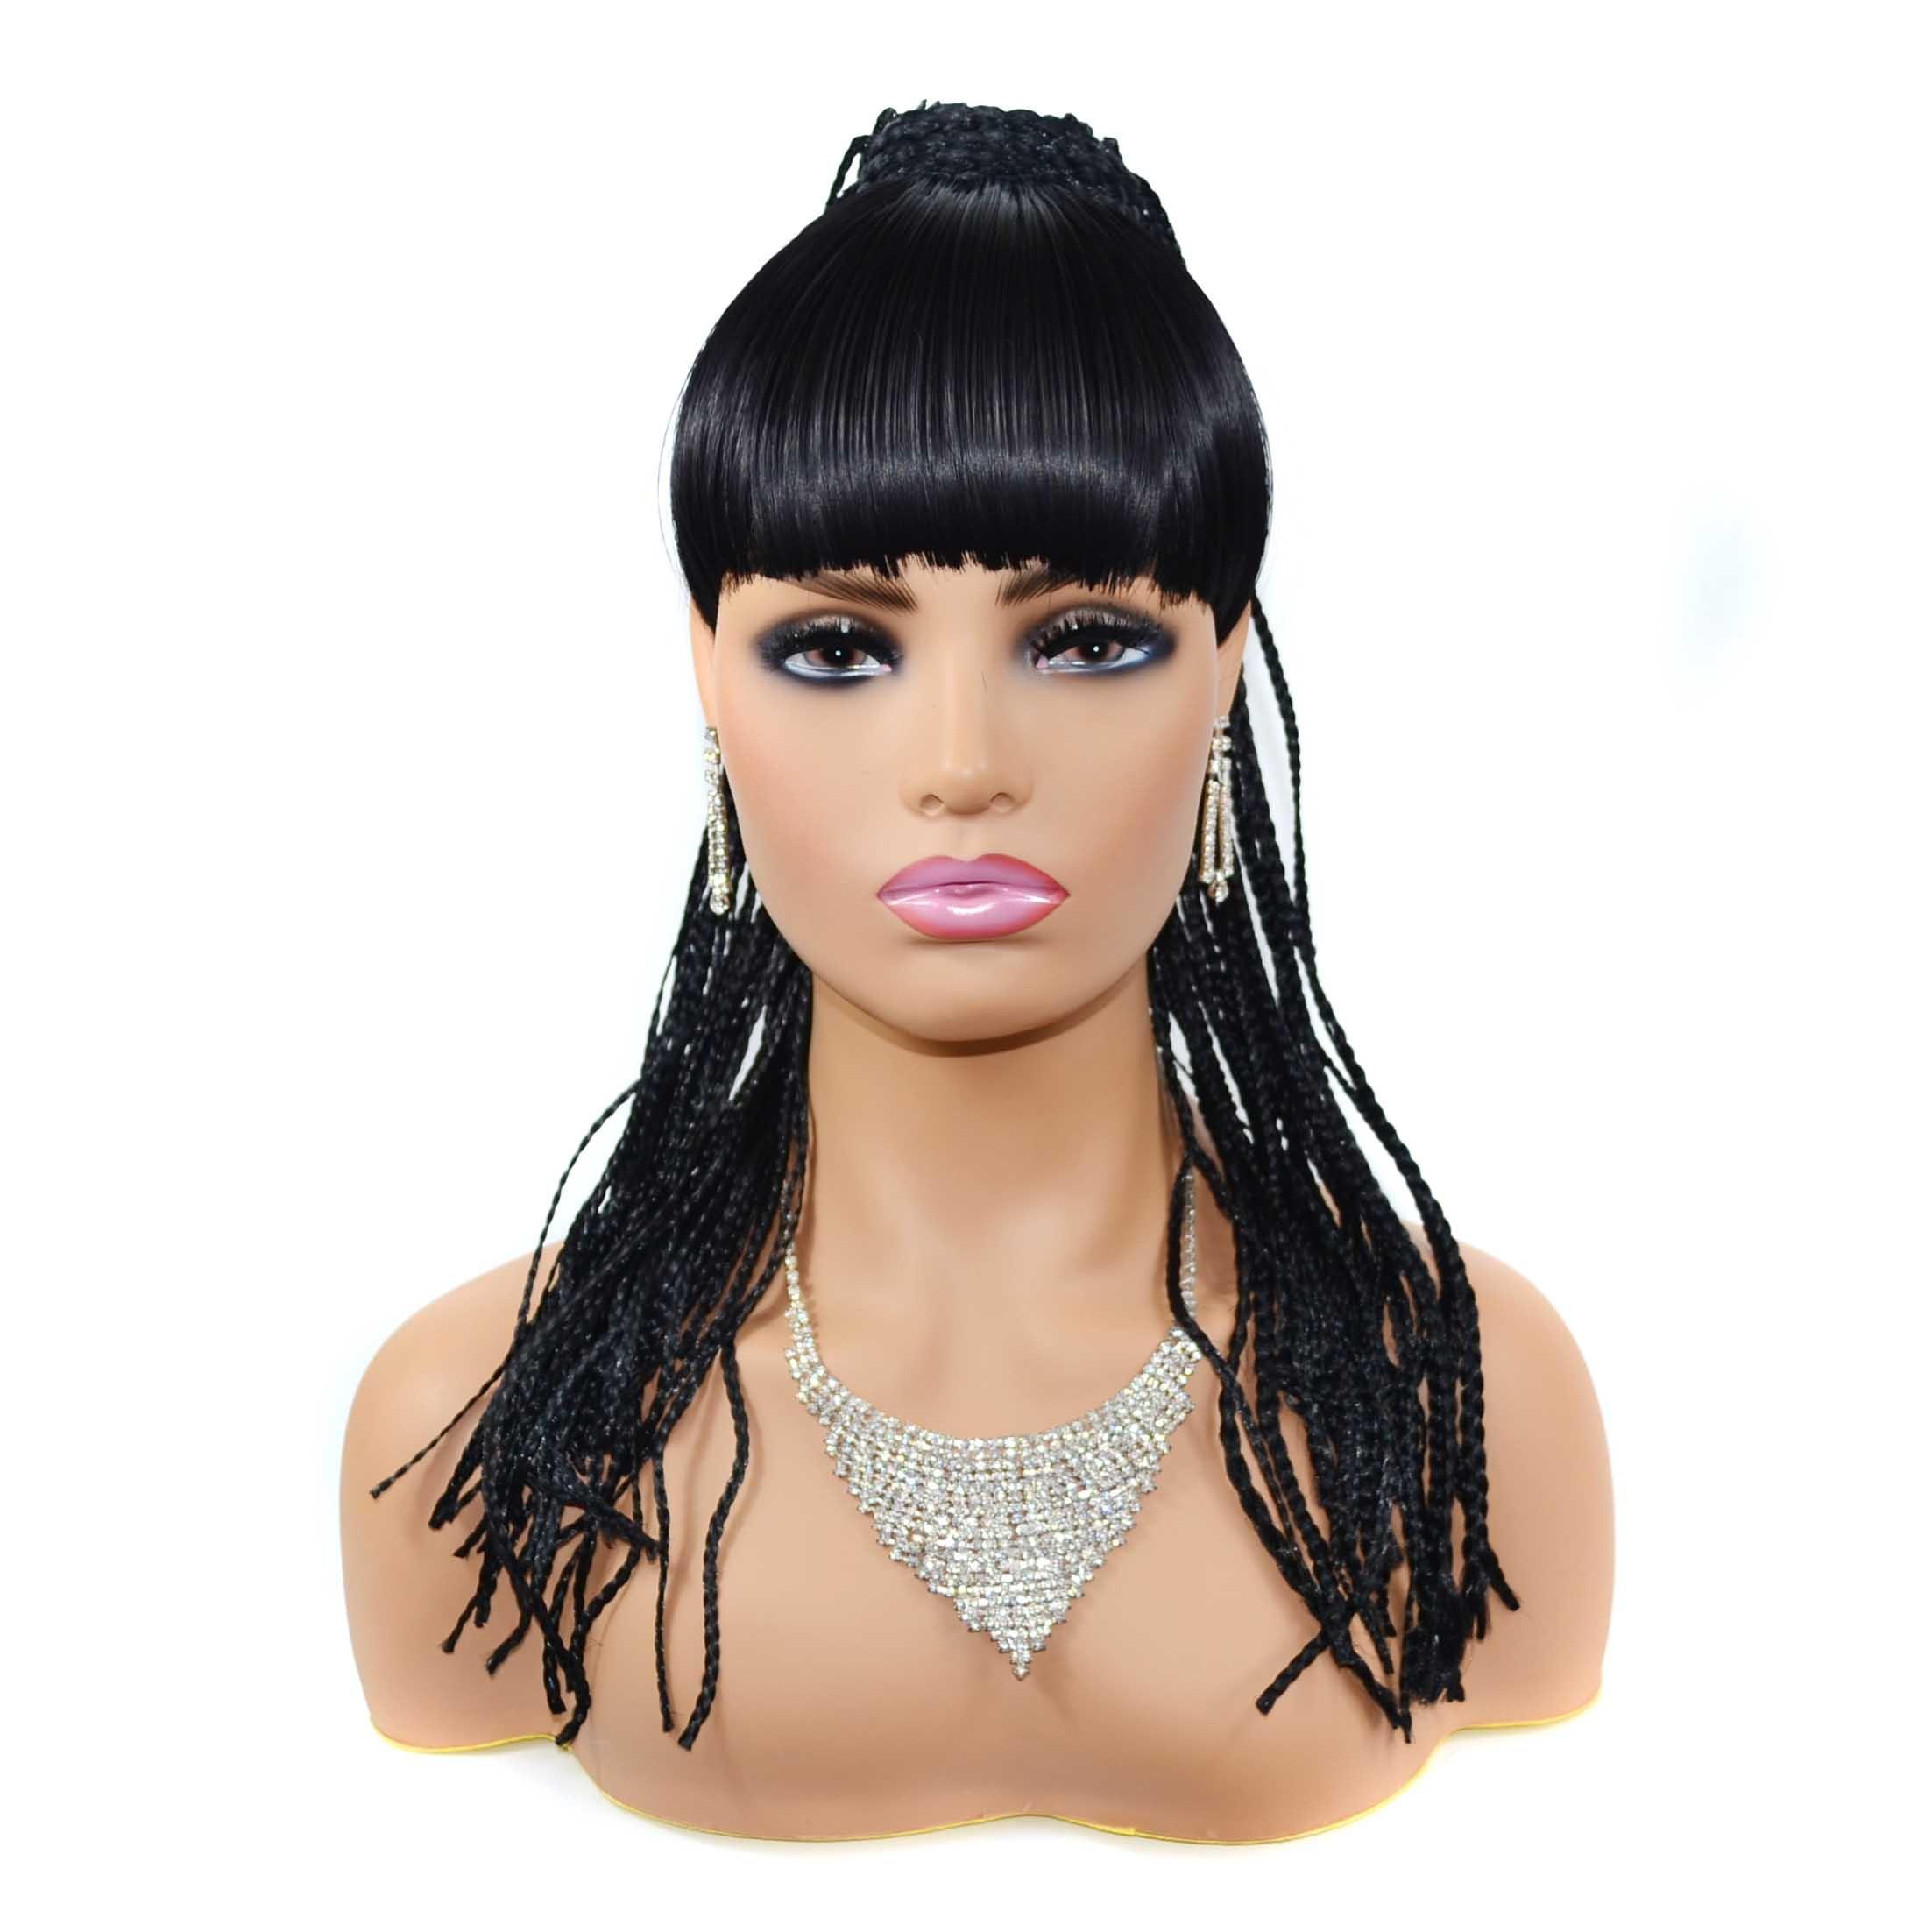 Zm Hair Long Box Braids Braided Hair Bun With Bangs Long Braided African Bun Bangs Aliexpress